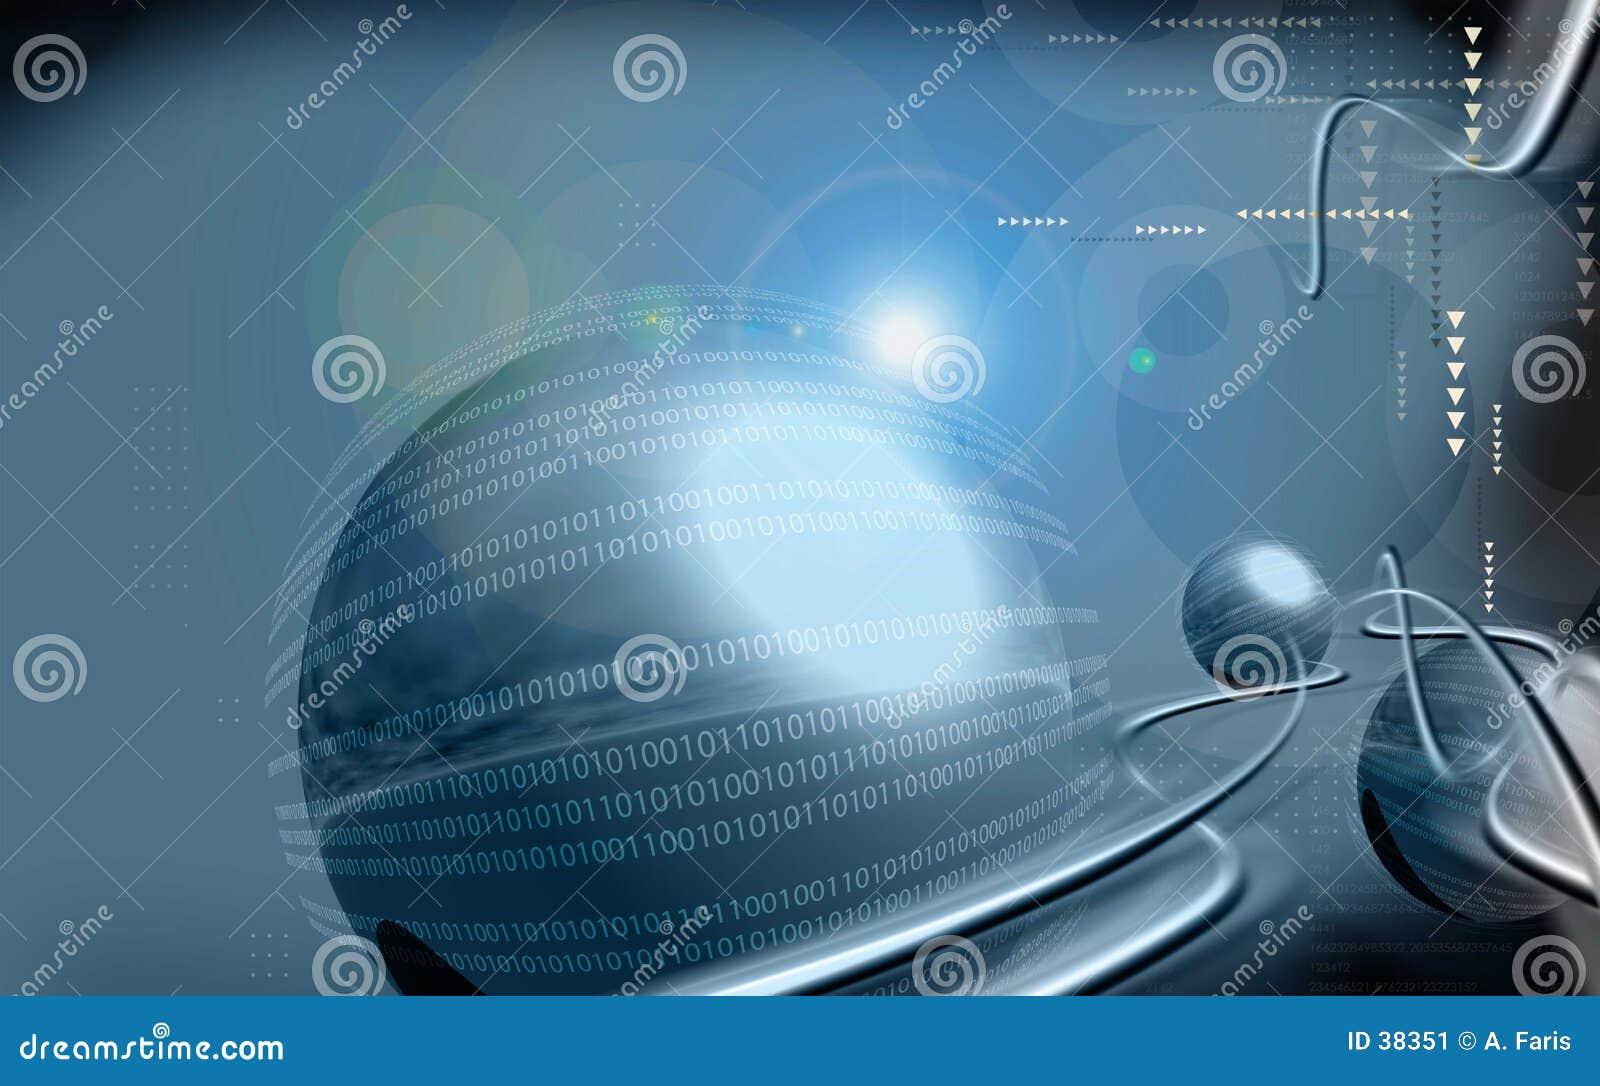 Download Ilustraciones Estupendas Del Ordenador Stock de ilustración - Ilustración de internet, flechas: 38351